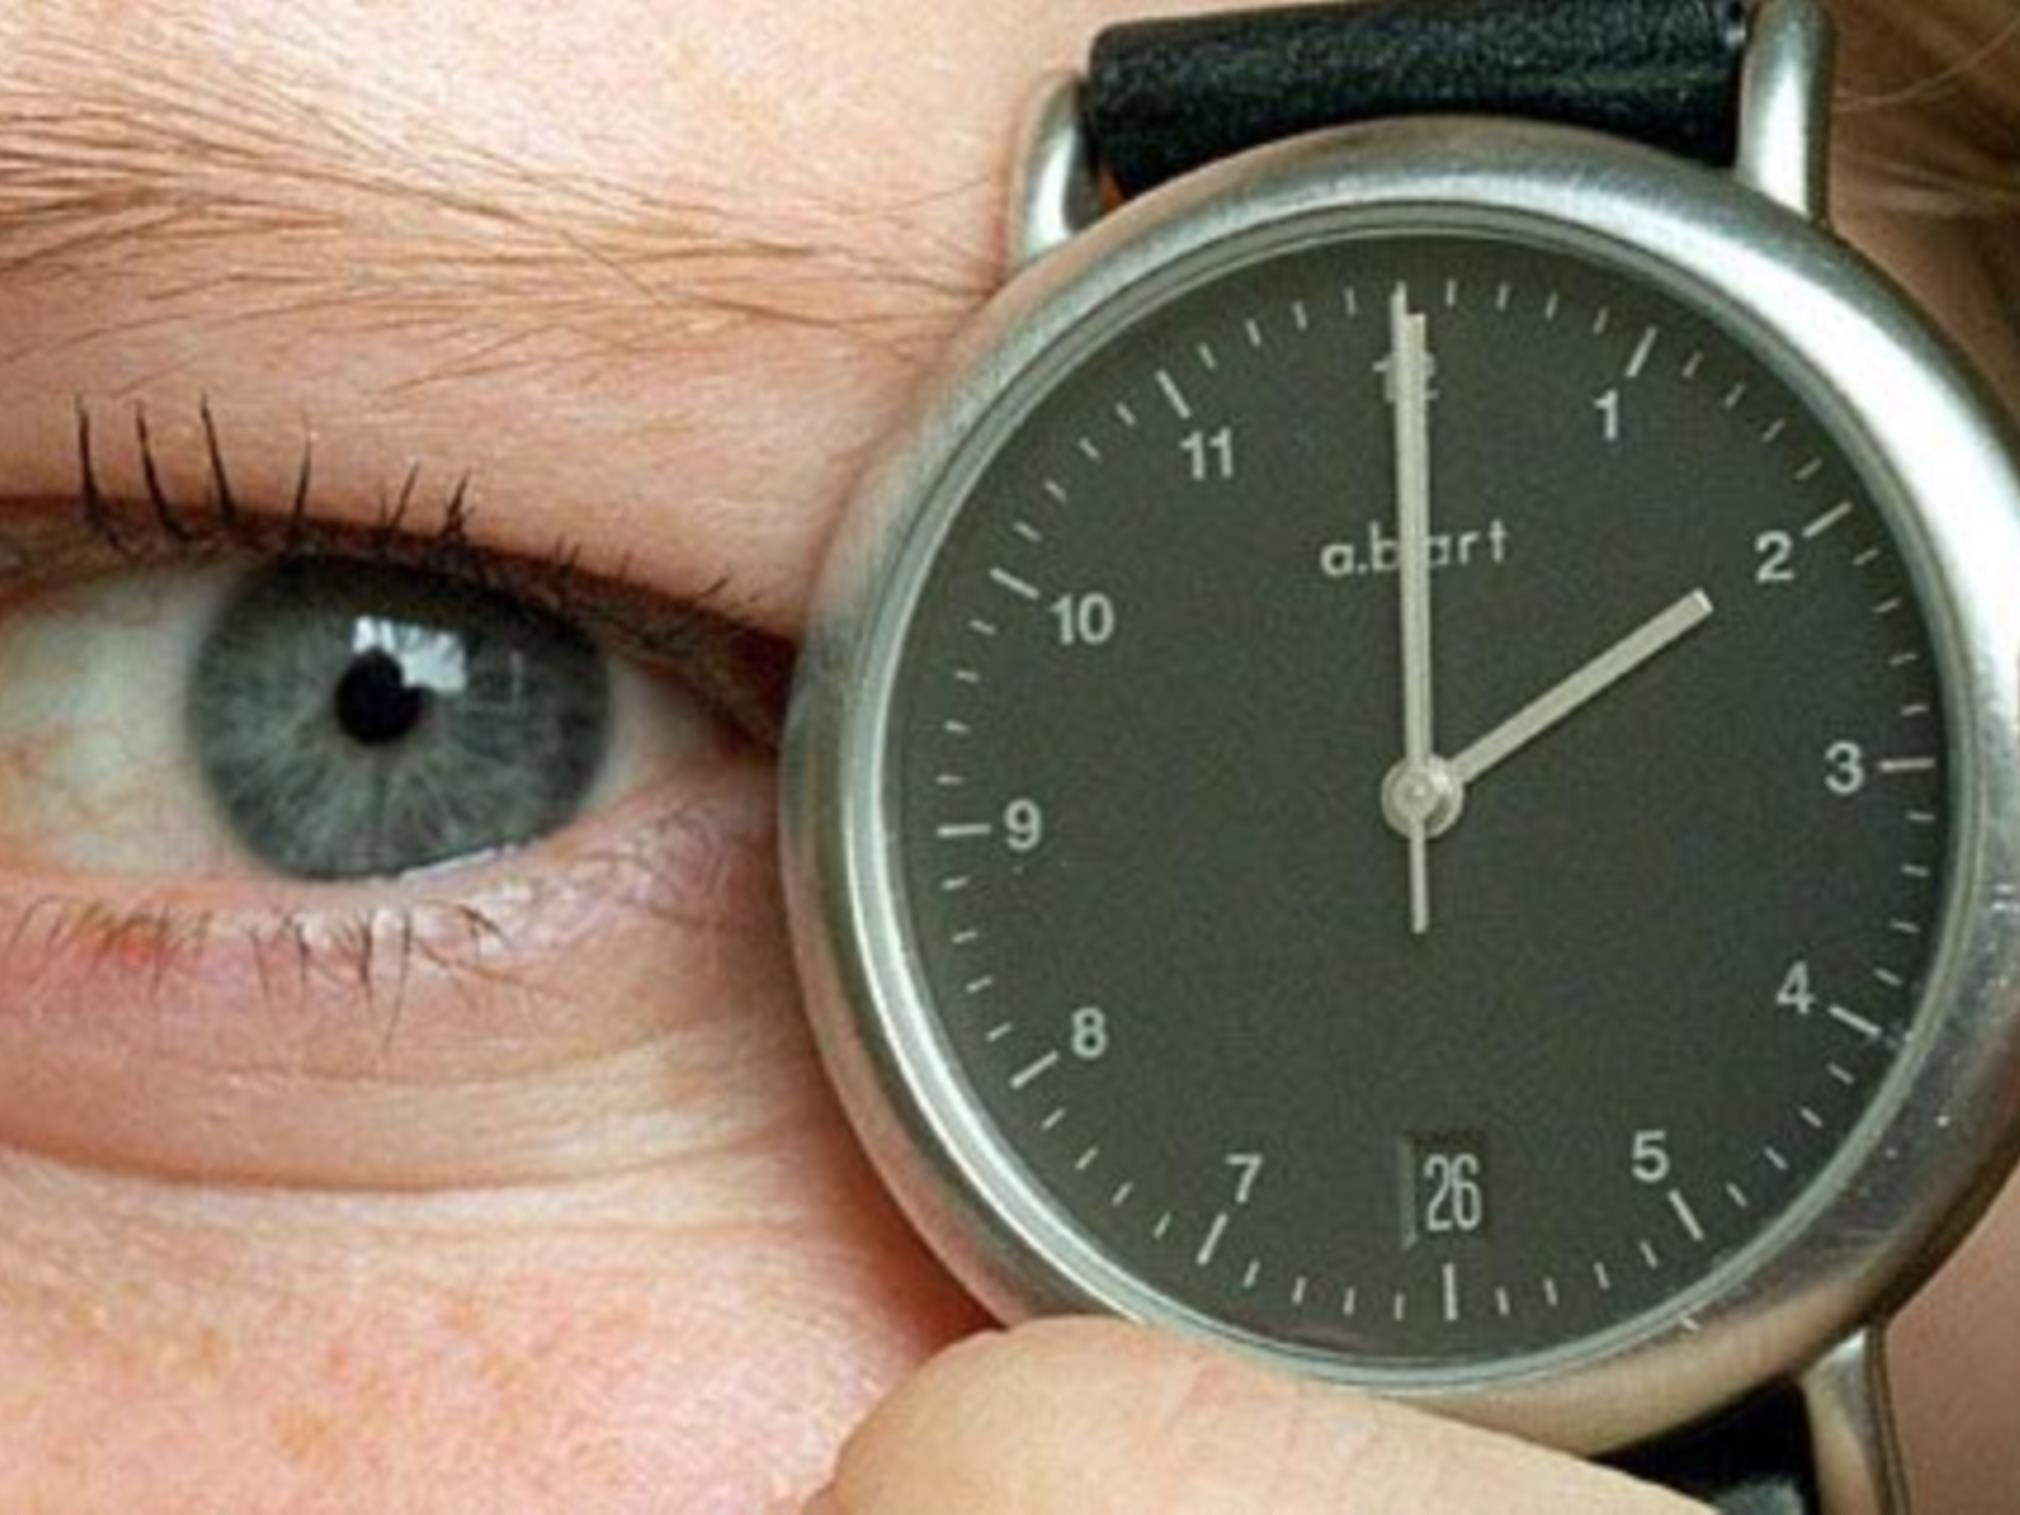 Zeitumstellung: In der Nacht wurde kräftig an der Uhr gedreht - nun ist Sommerzeit